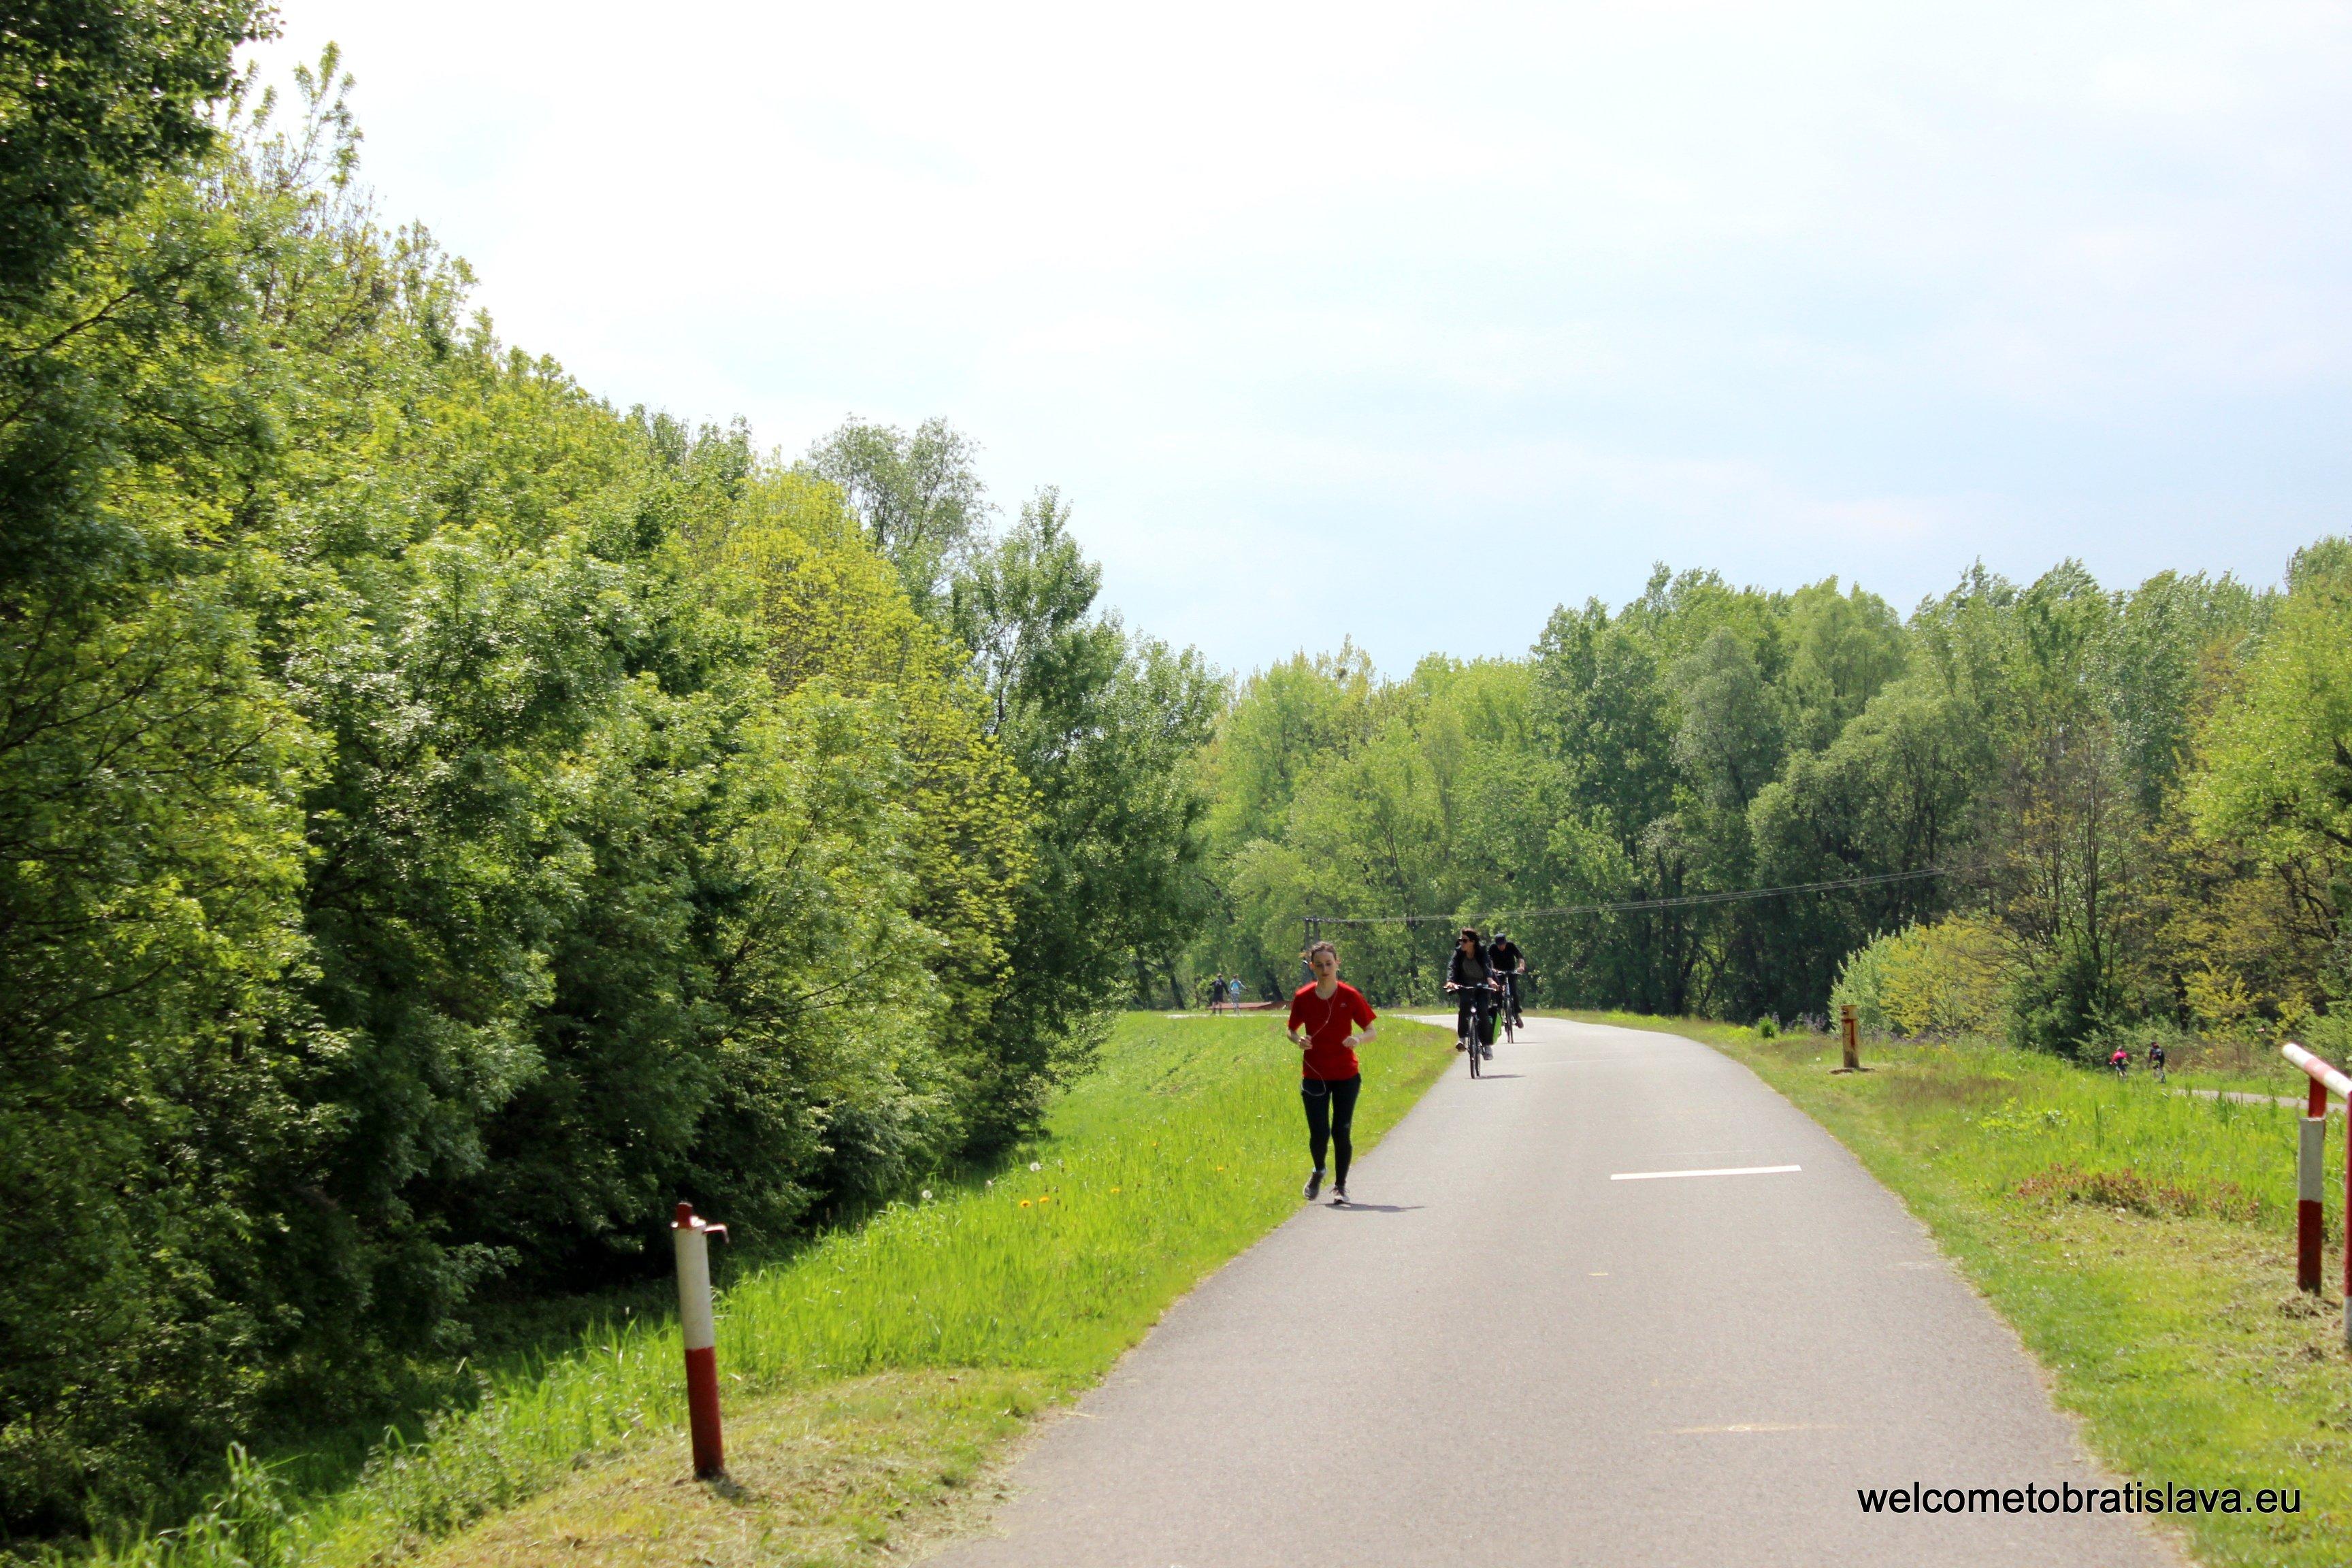 Best running spots - Petrzalka Dam